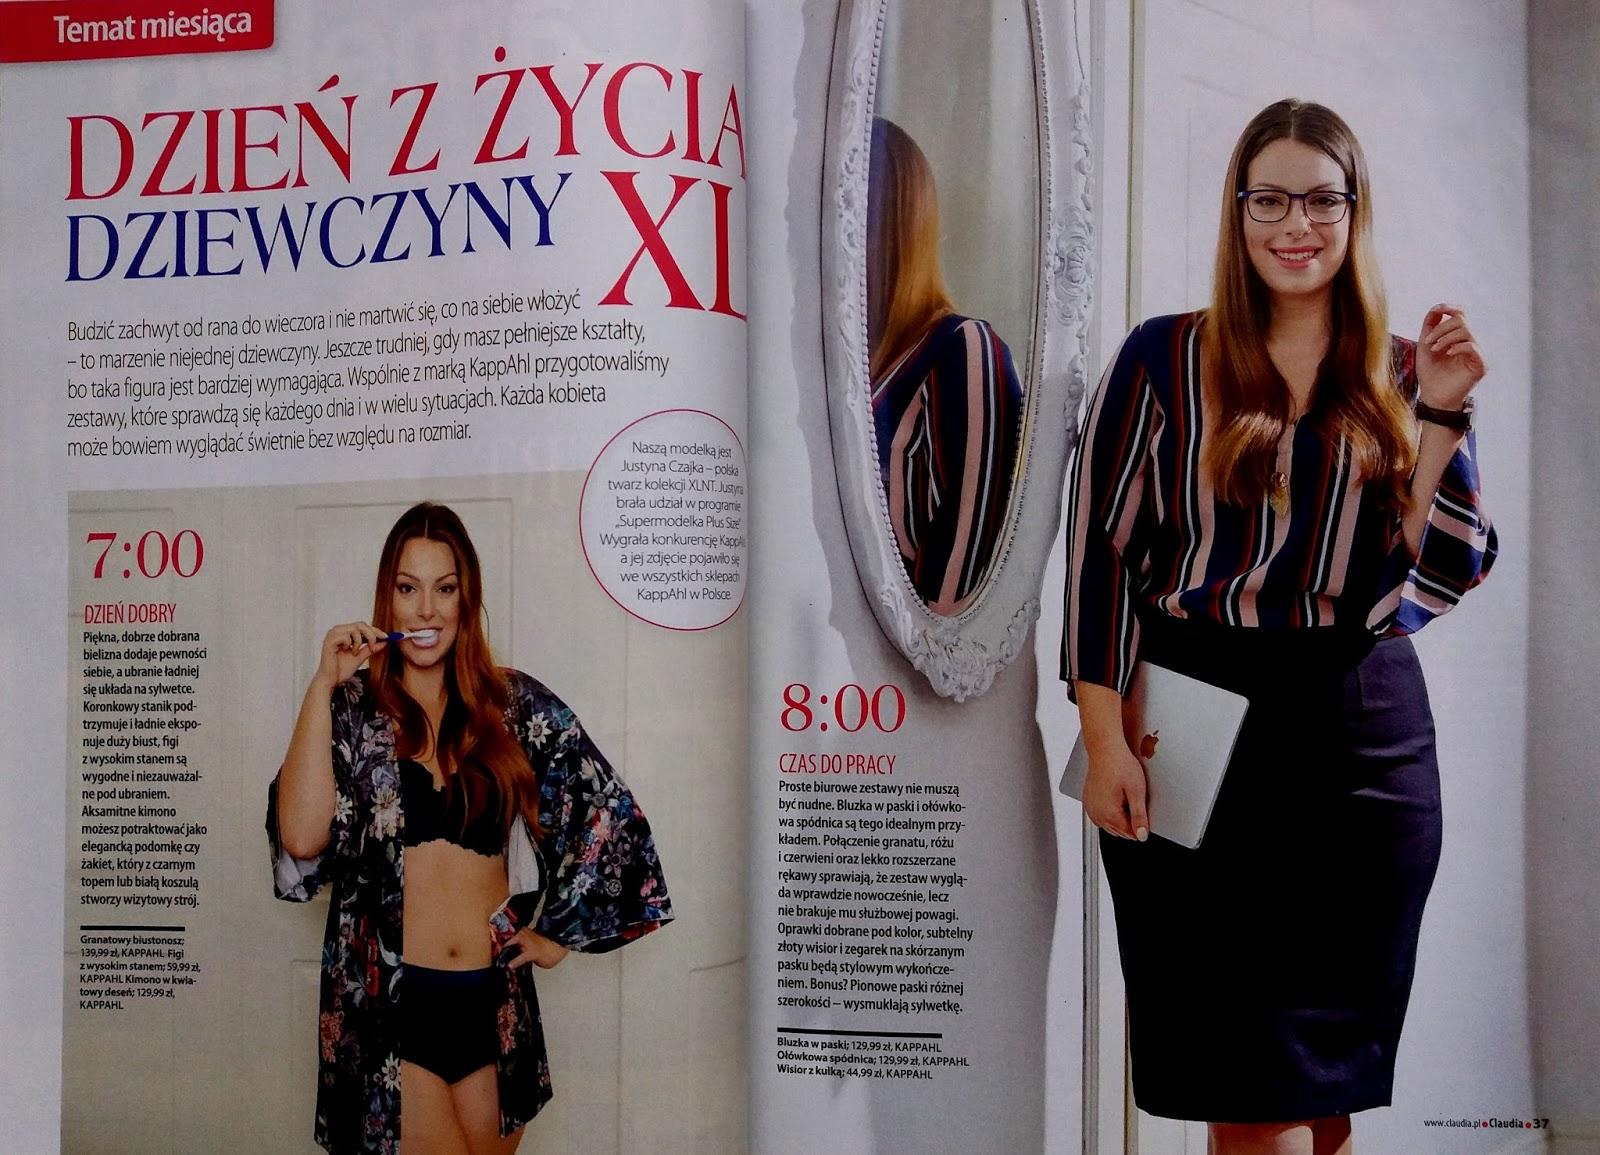 efbfca1a92 Agnieszka Kownacka o modzie i urodzie  Prasówka Plus Size - listopad ...